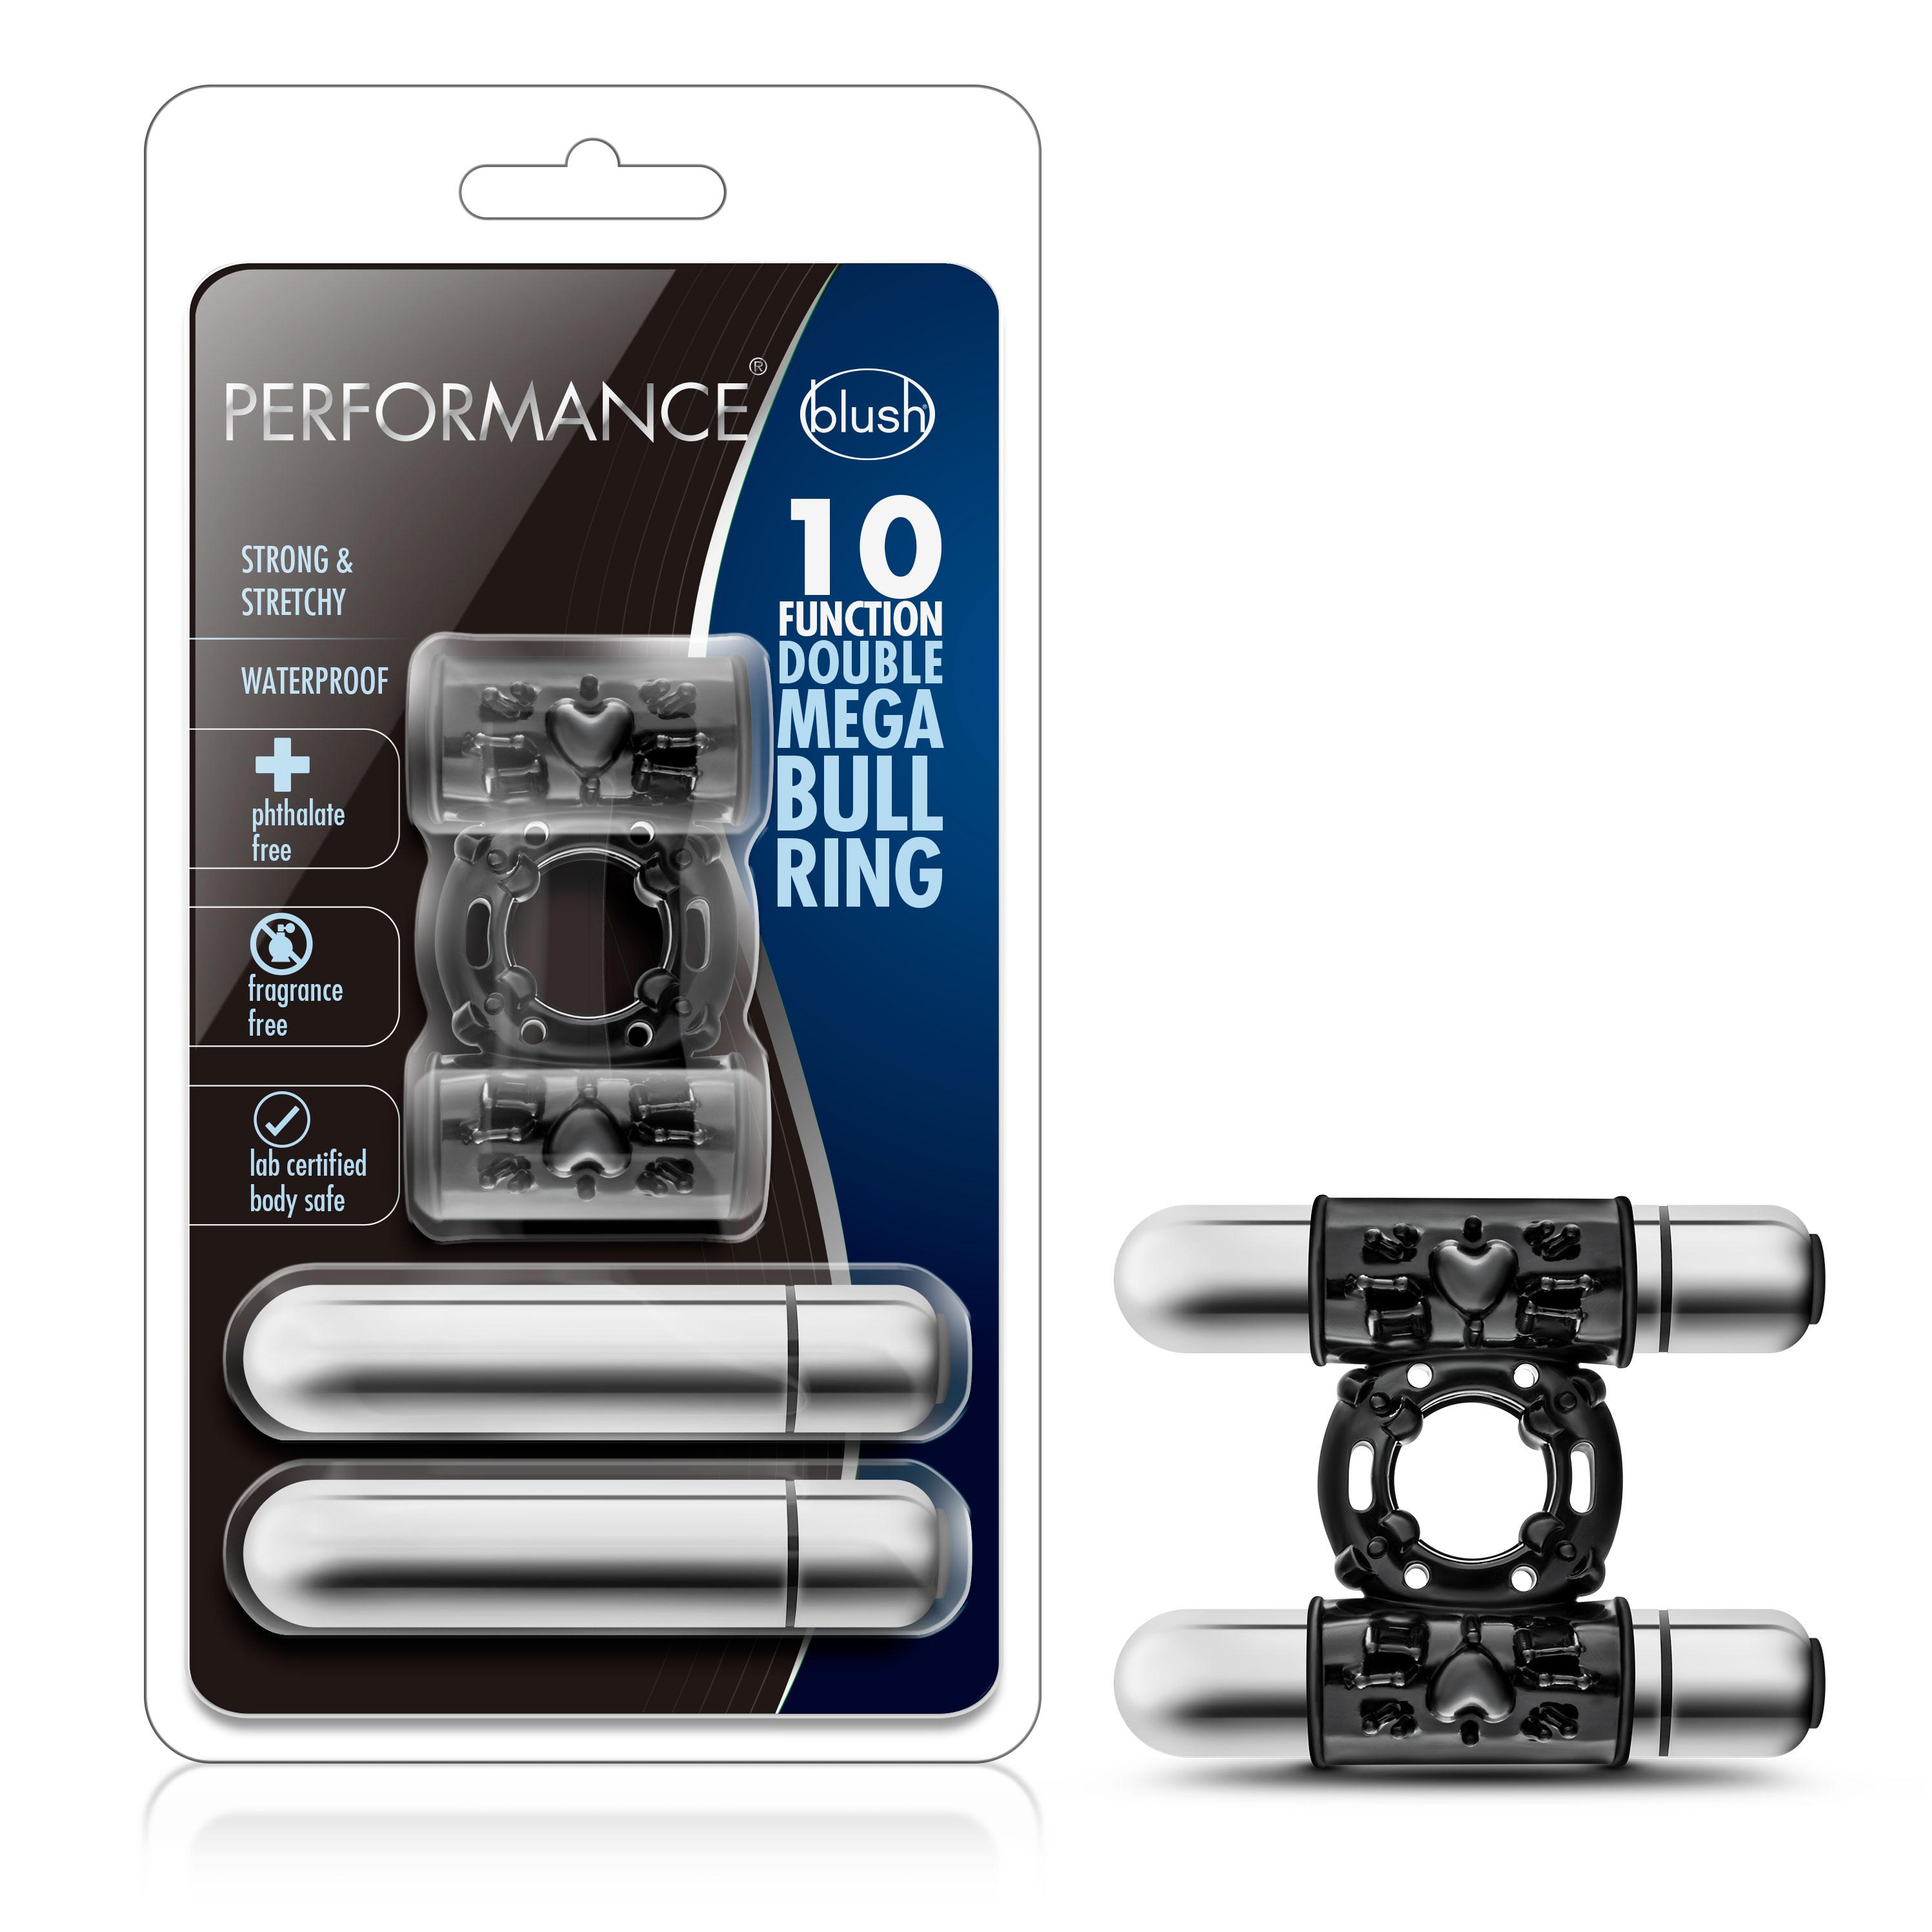 Performance - Double Mega Bull Ring